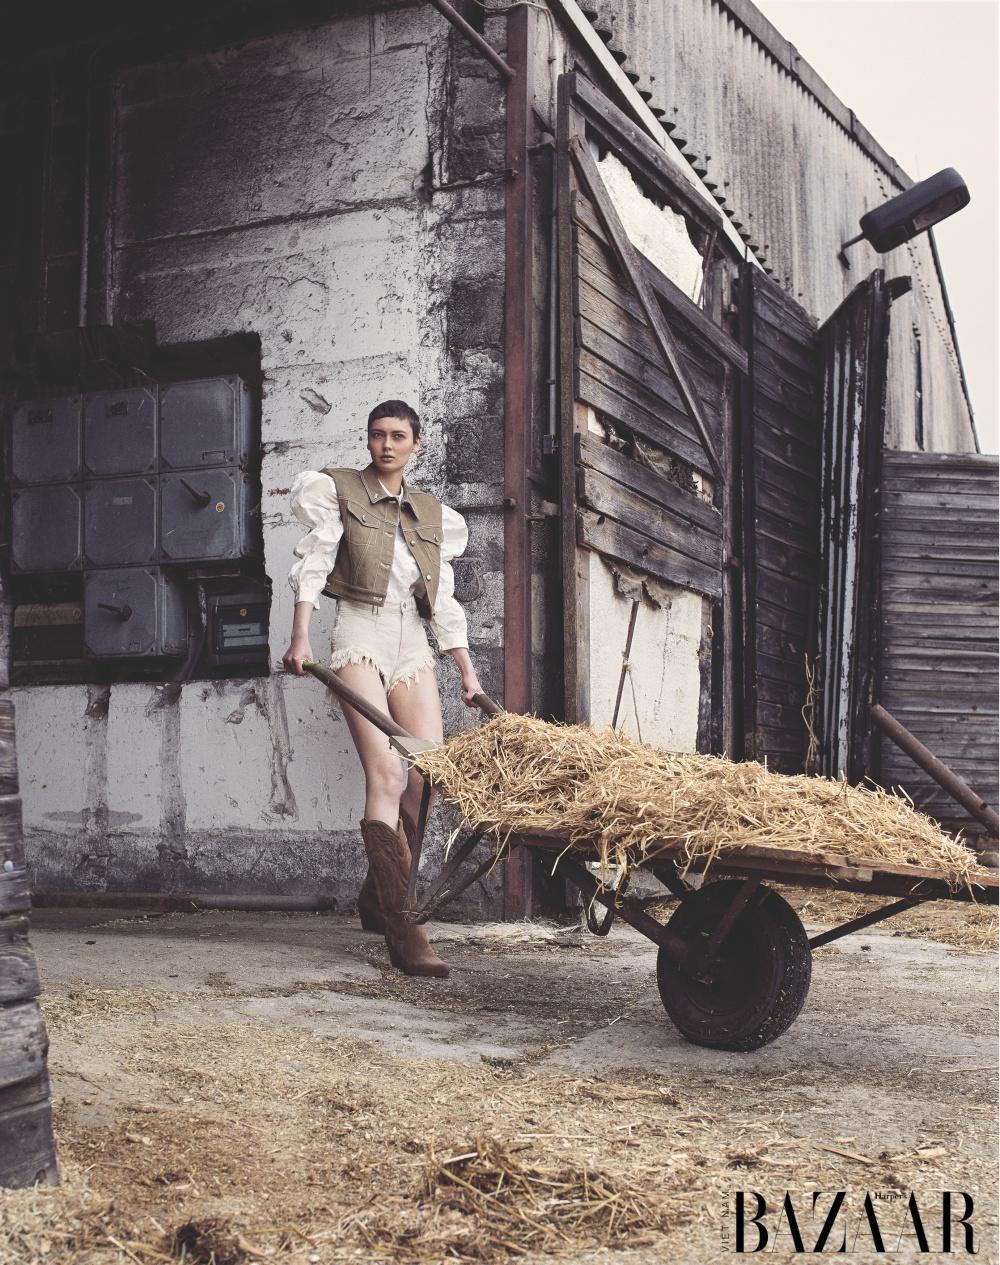 Một ngày ở nông trại với phong cách Cottagecore bình yên - Sven Bensemann